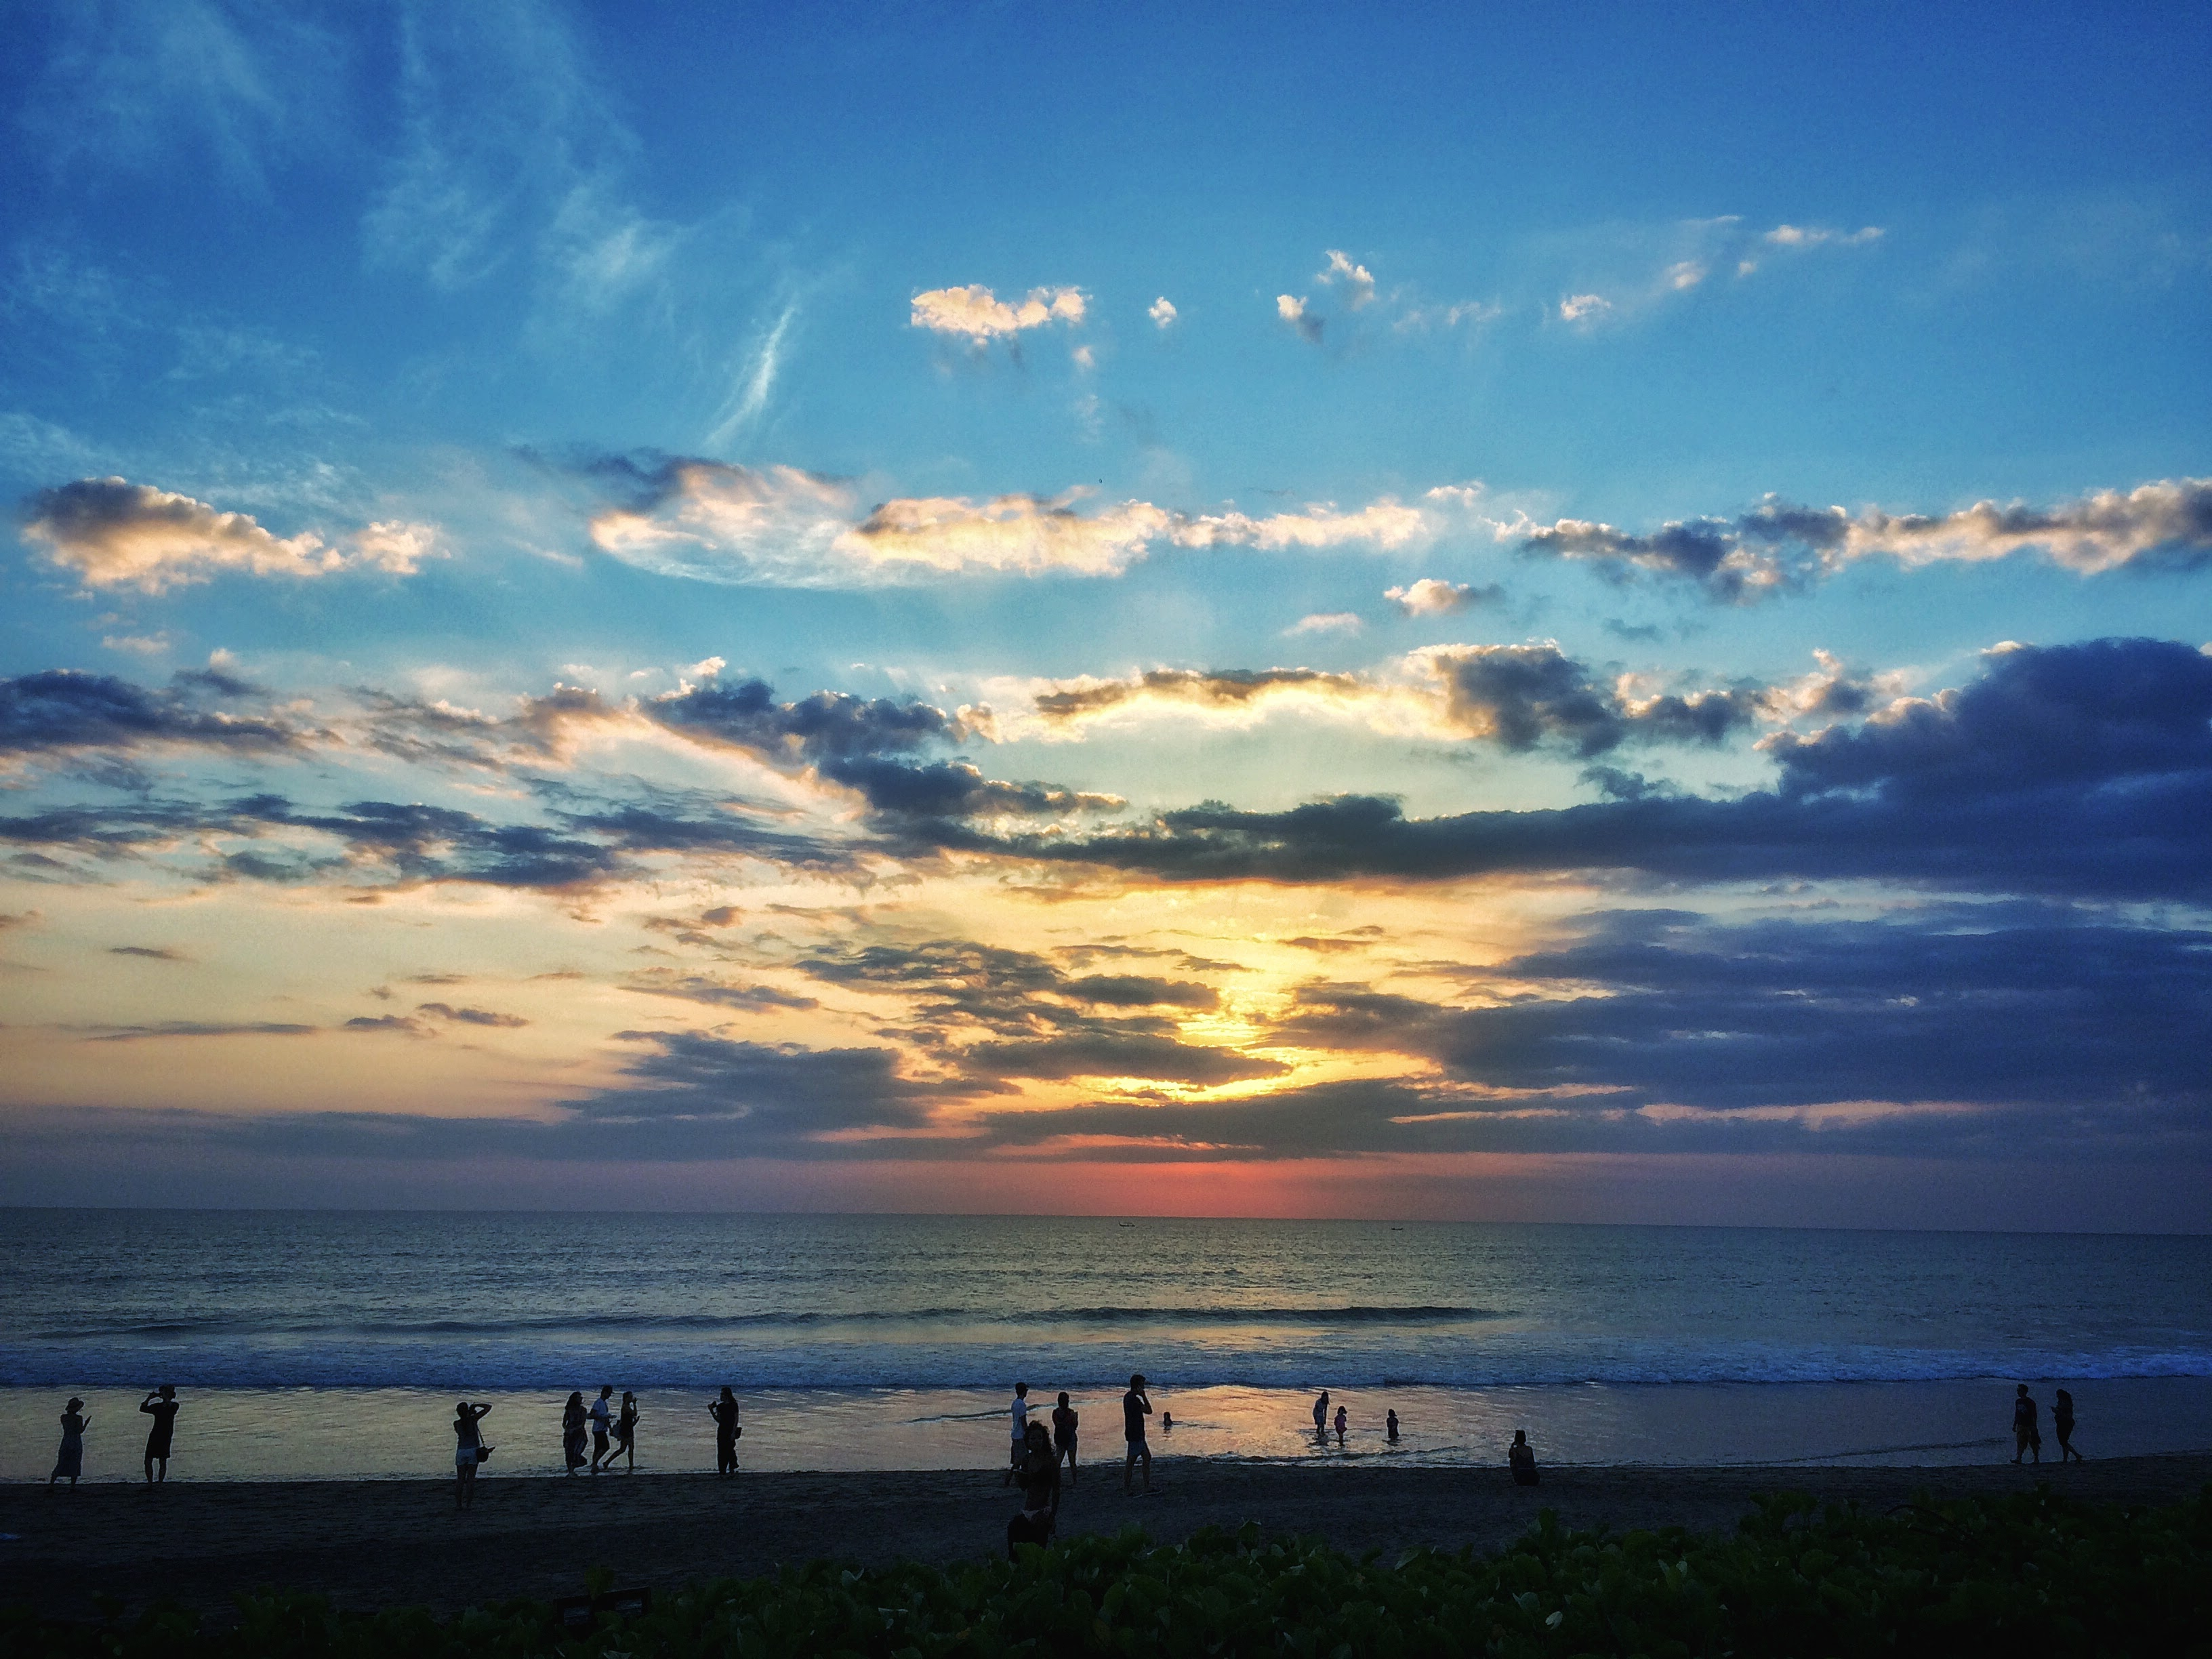 Sunset in Alila